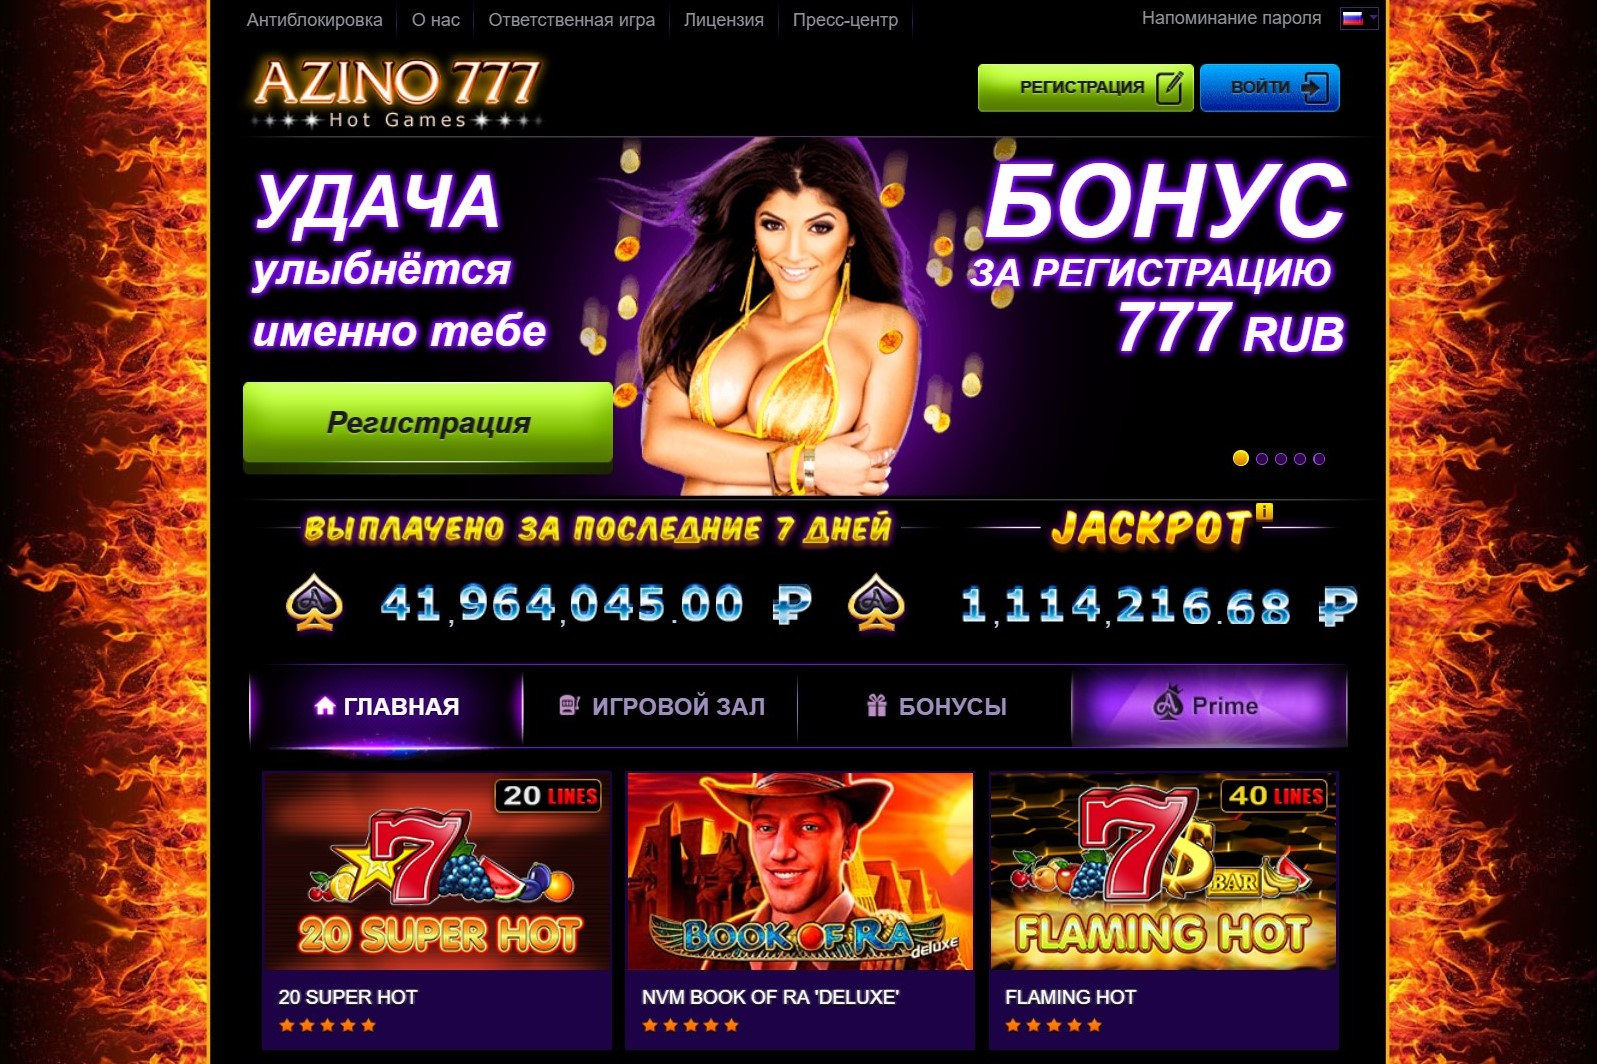 игровой сайт azino777